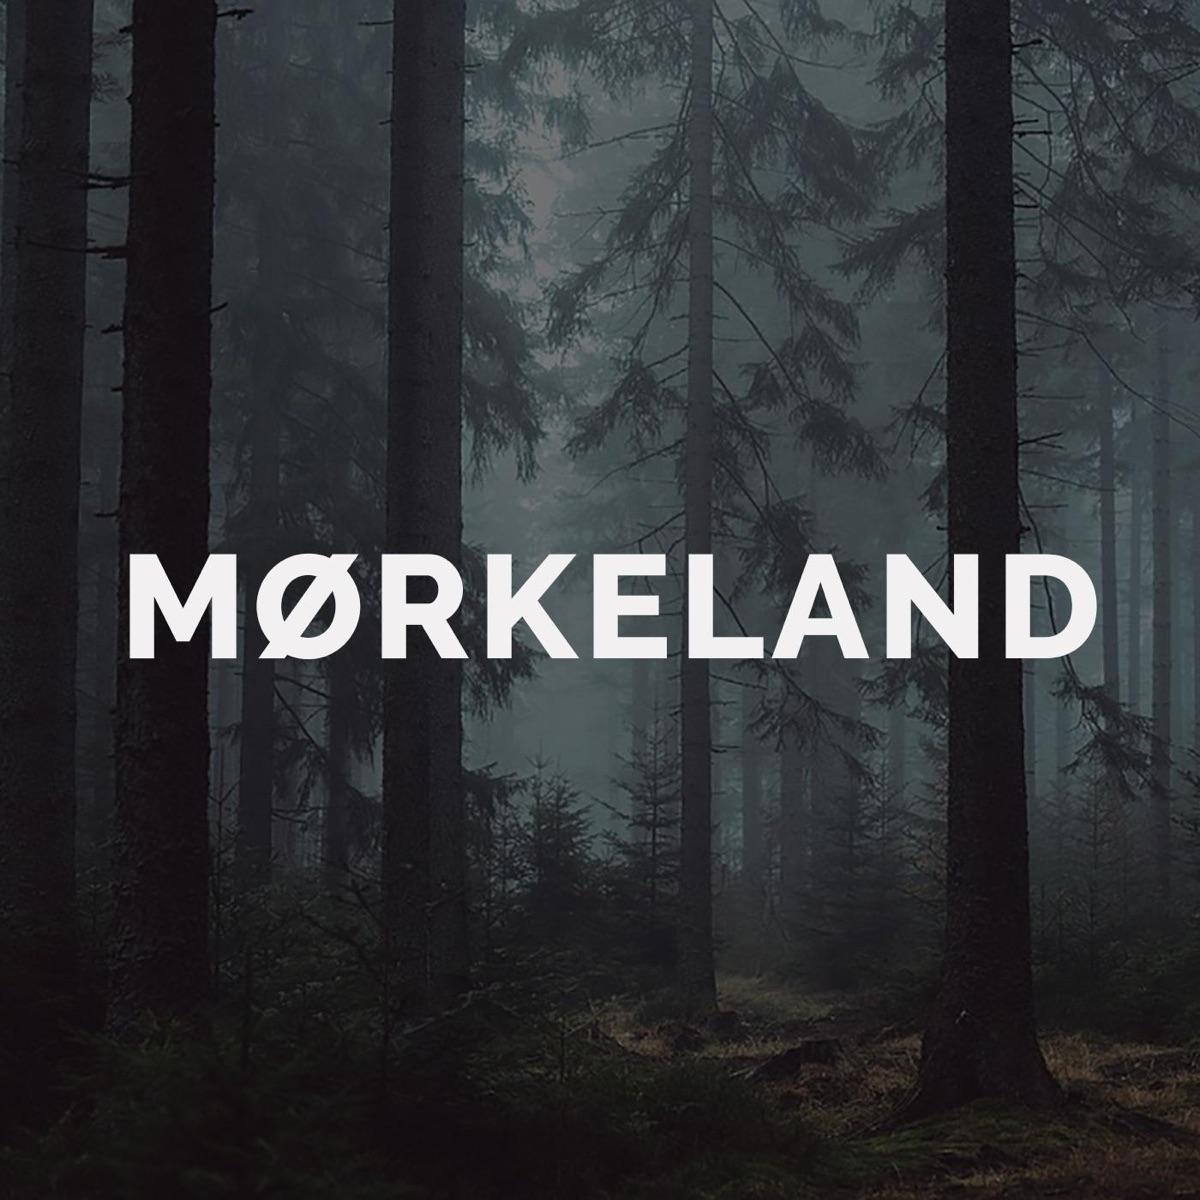 Særafsnit: En snak om dokumentarserien Tilståelsen og Erik Solbakke